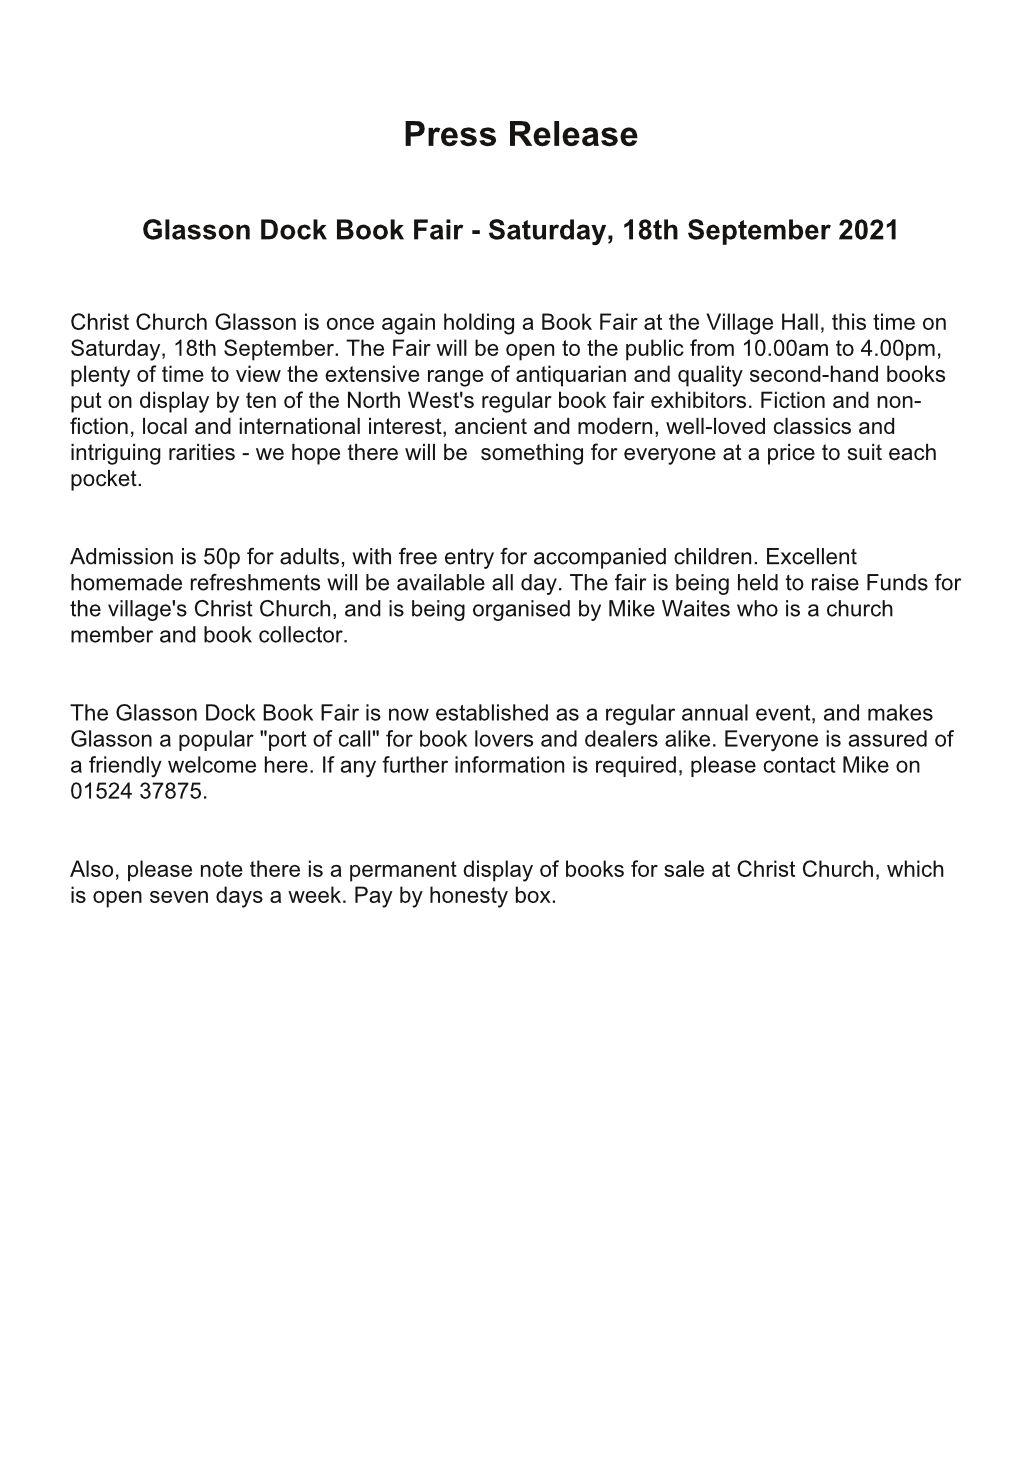 Glasson Dock Book Fair | 18 September 2021 | Poster